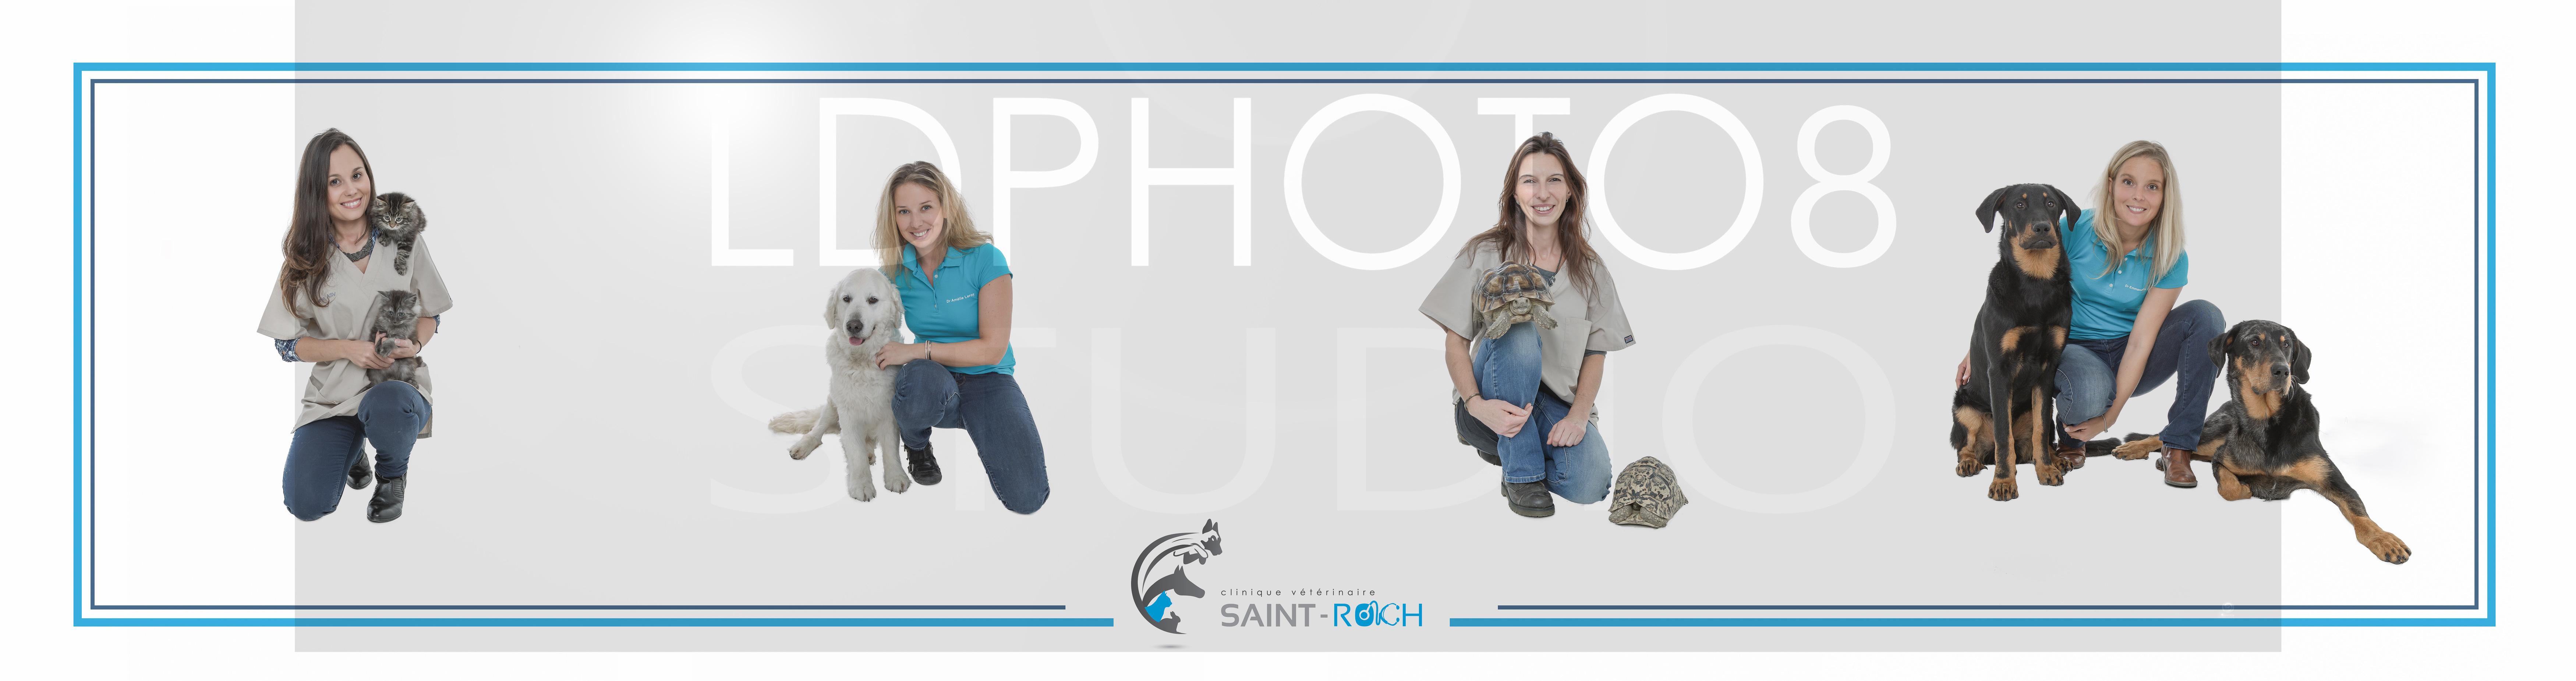 02112015-compo_saint_roch